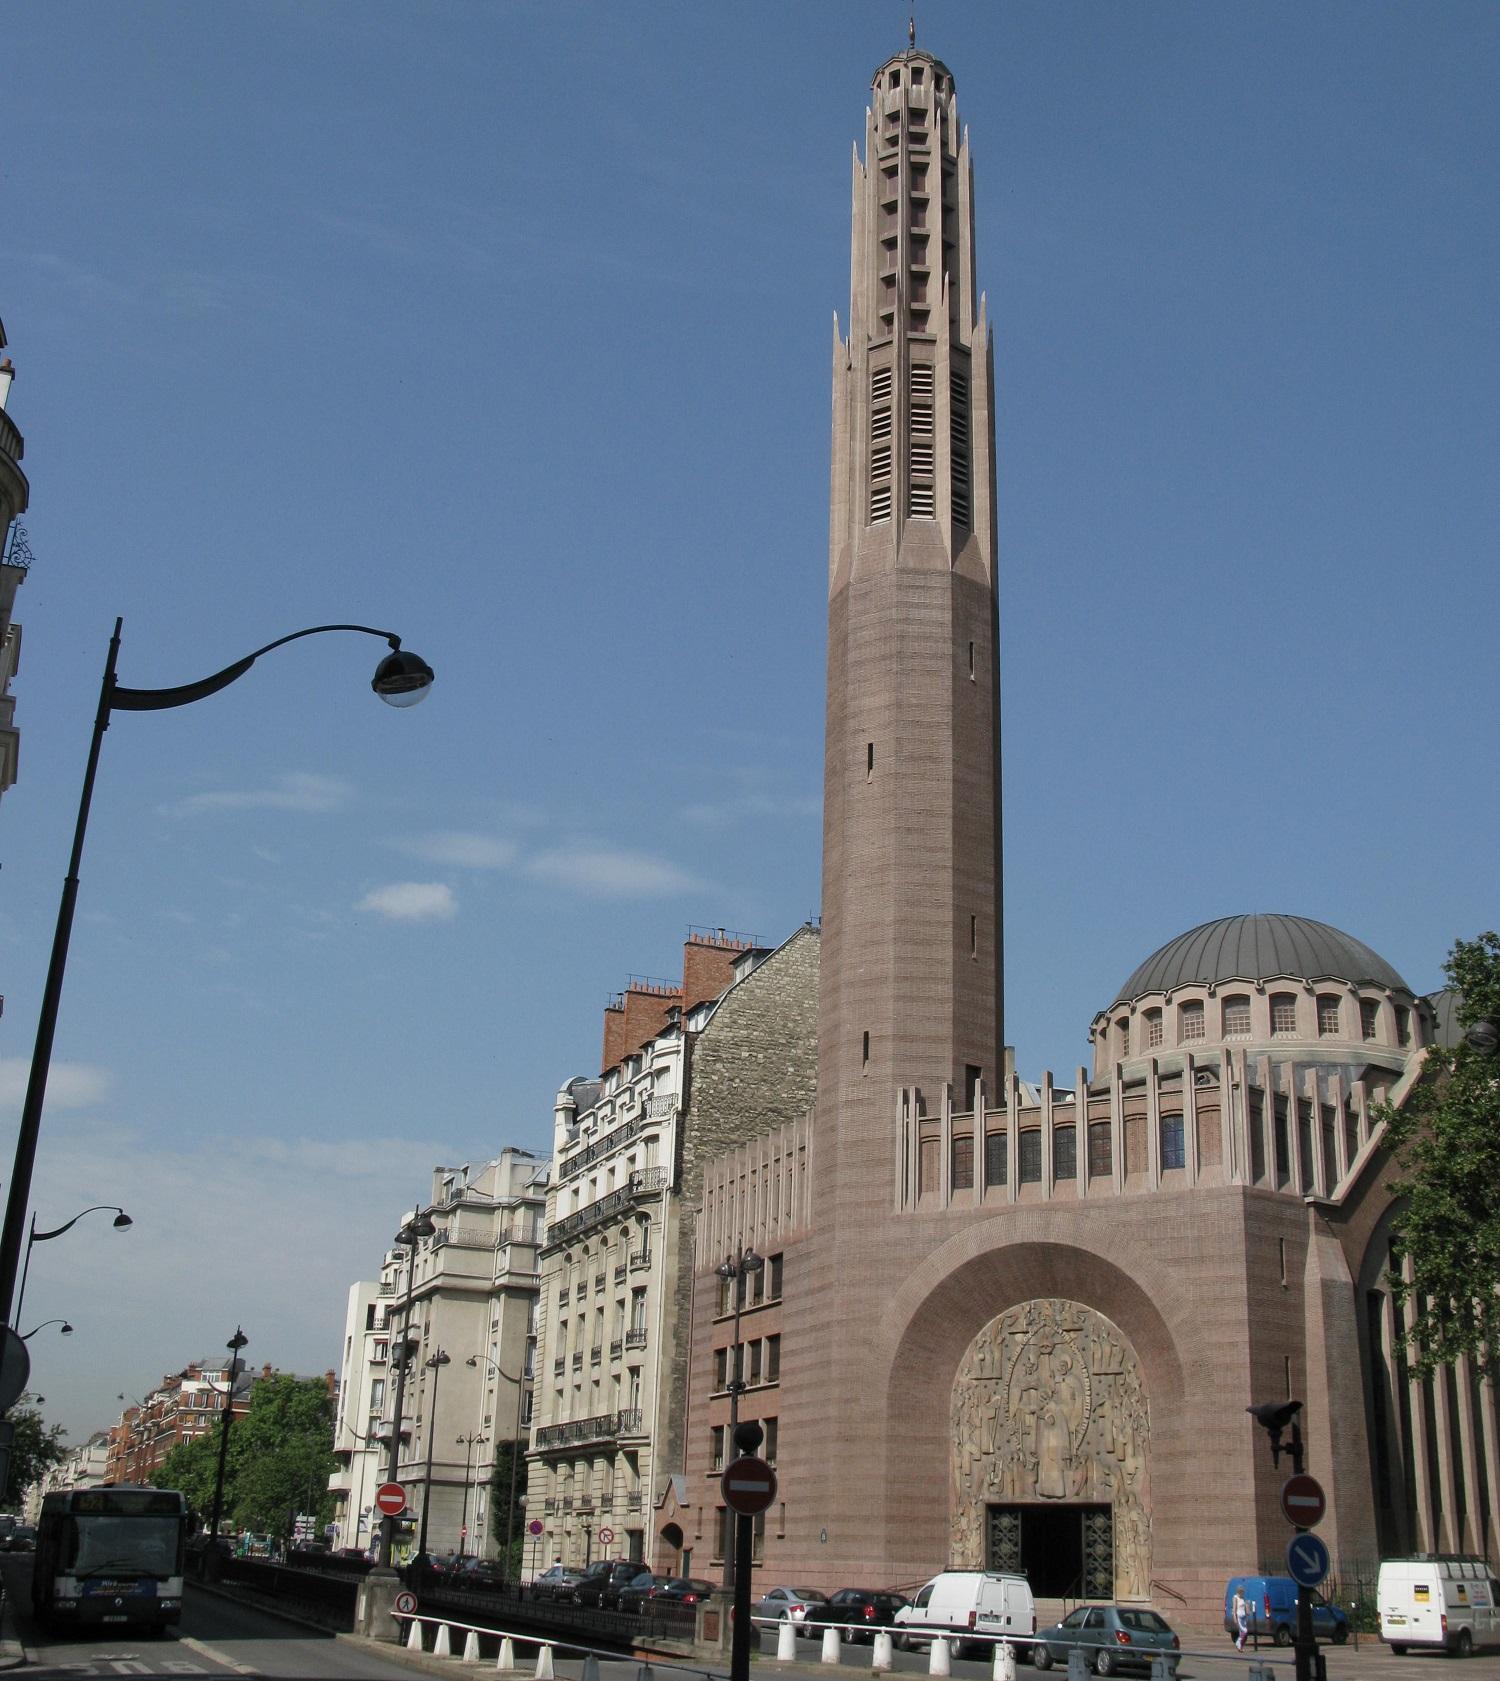 L'église Sainte-Odile à la porte Champerret dans le 17e arrondissement de Paris.